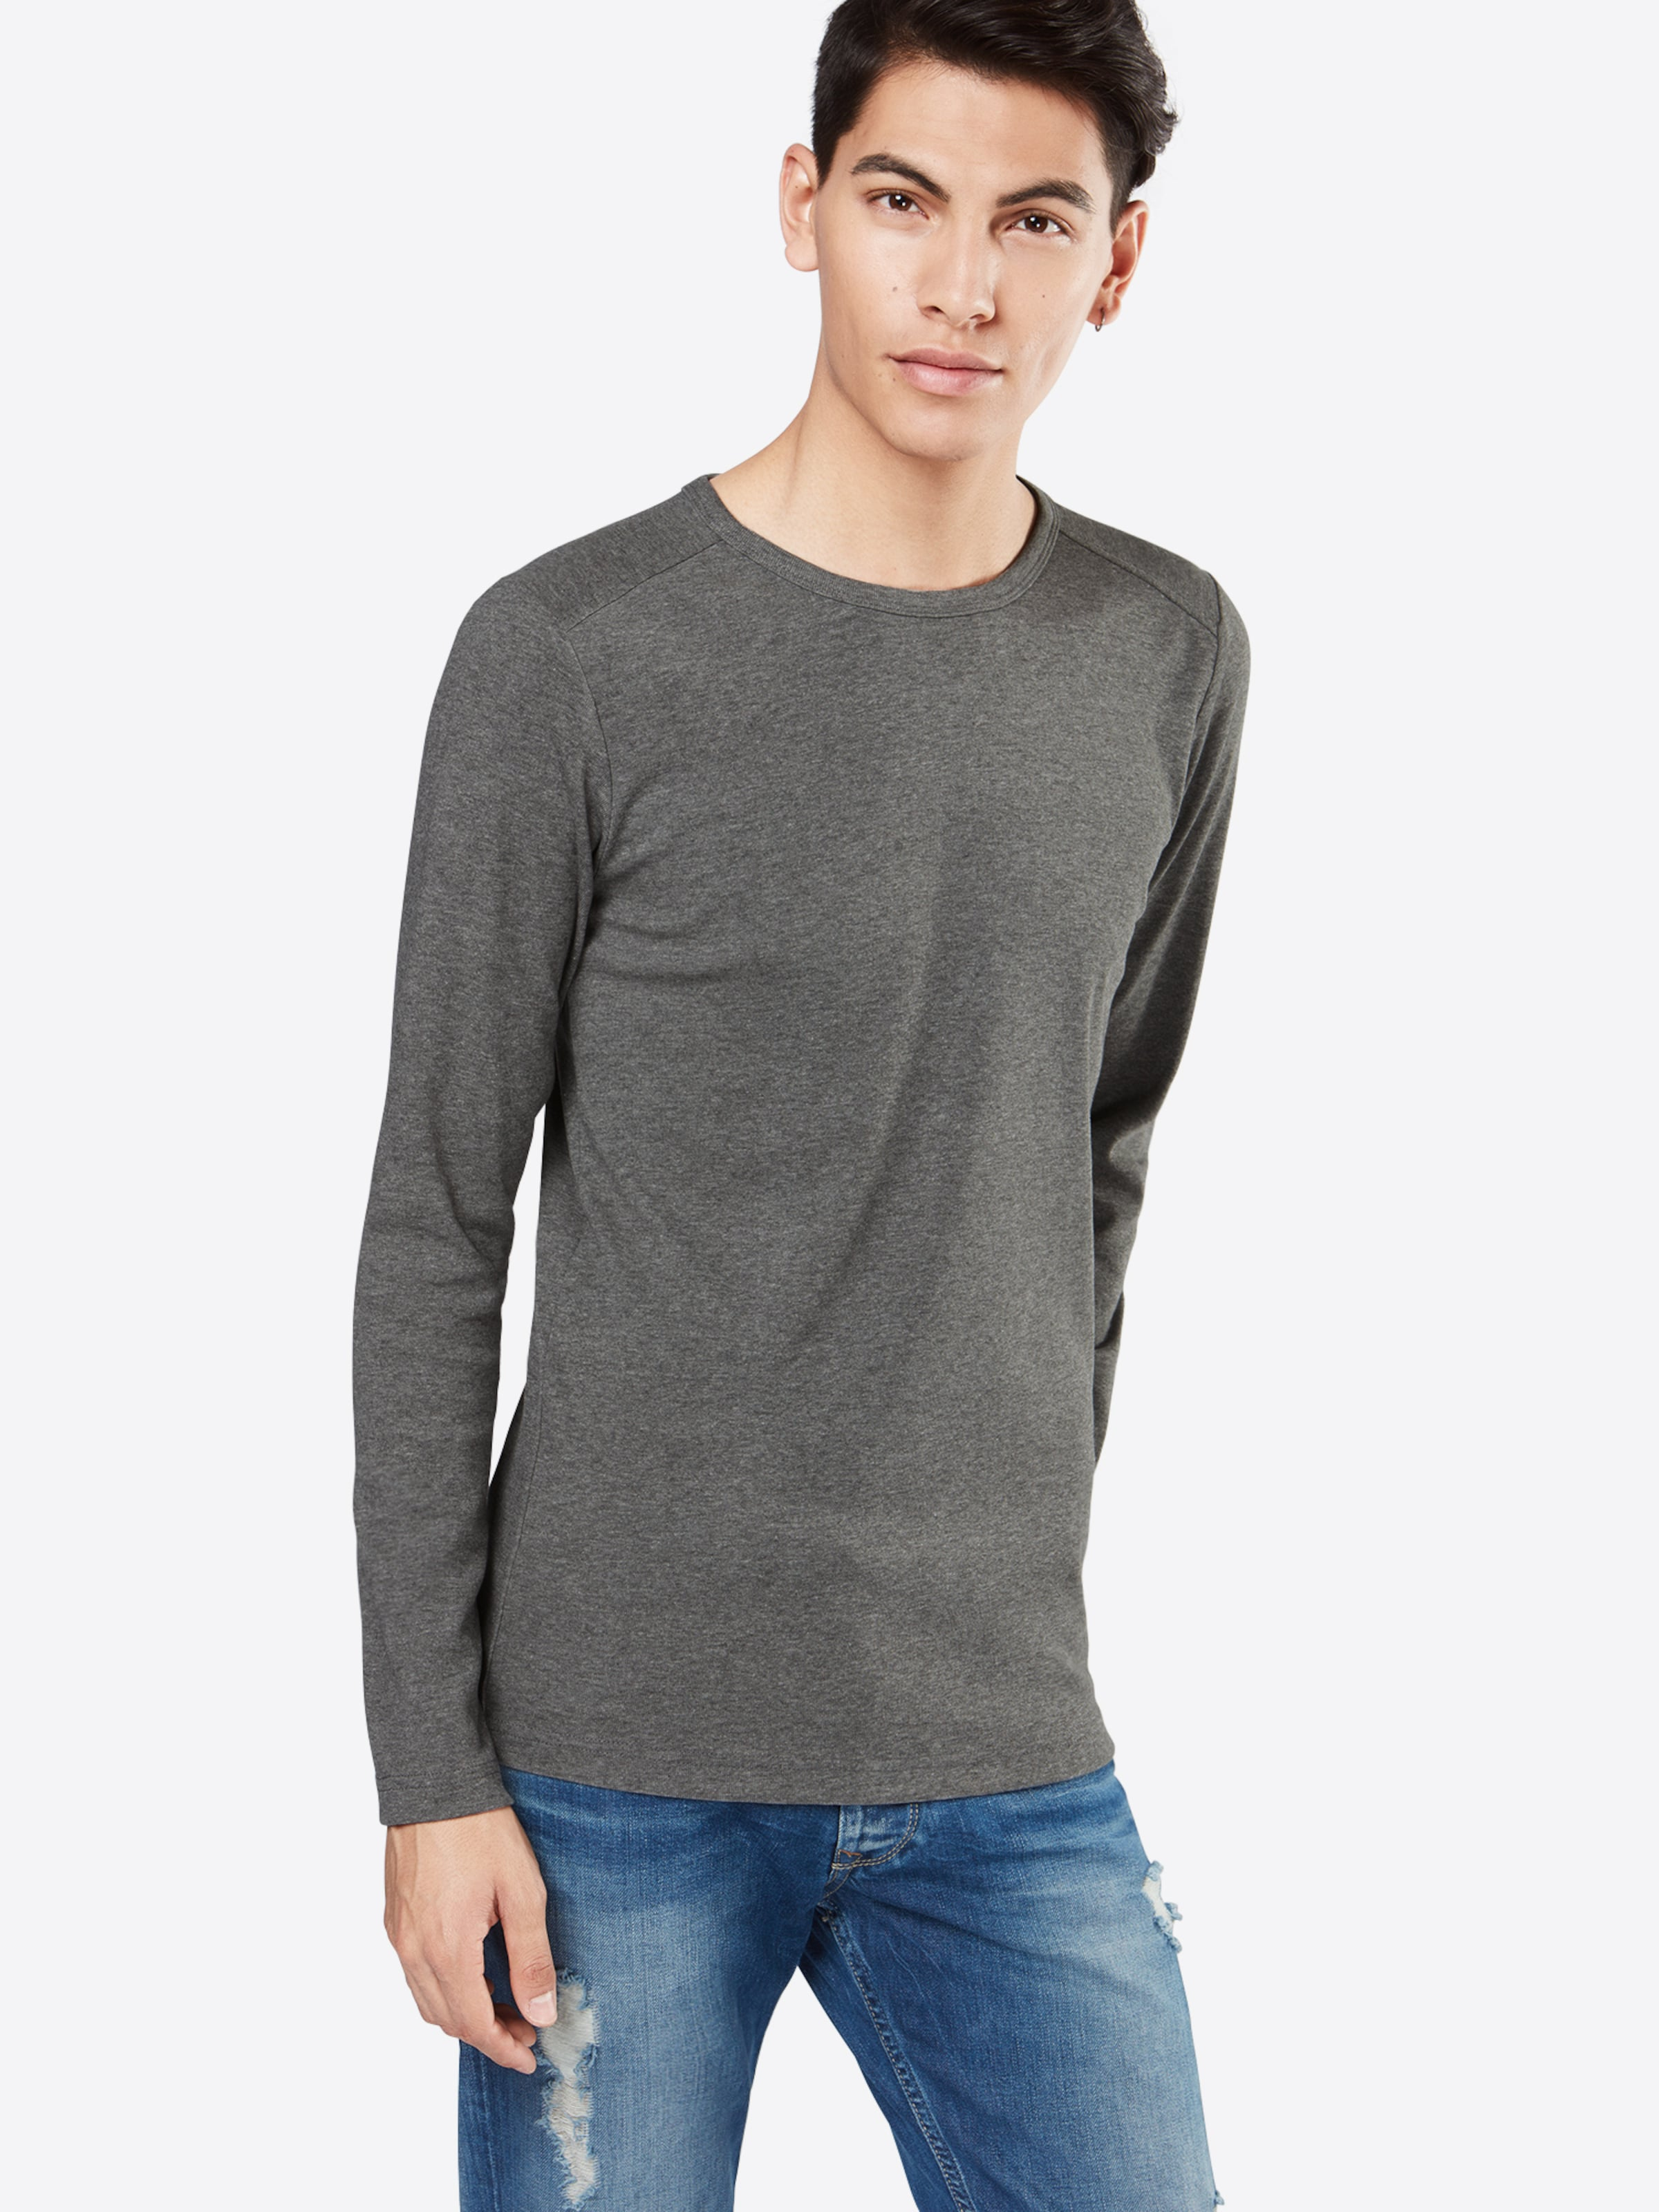 Billigste Zum Verkauf ESPRIT Langarmshirt Großhandel Verkauf Online-Shopping ZmnS5hx